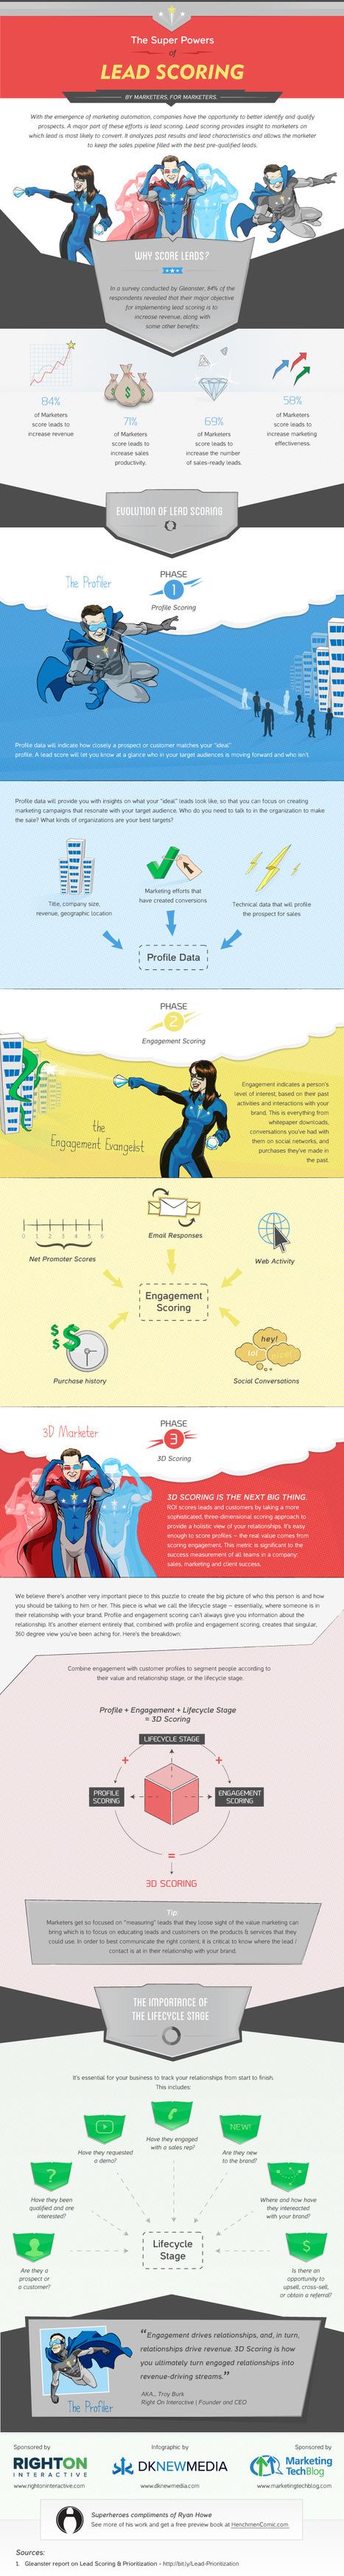 [Infographie] Les supers héros / pouvoirs du Lead Scoring | Marketing Automation avec Oracle Marketing Cloud — Eloqua by Aressy | Scoop.it